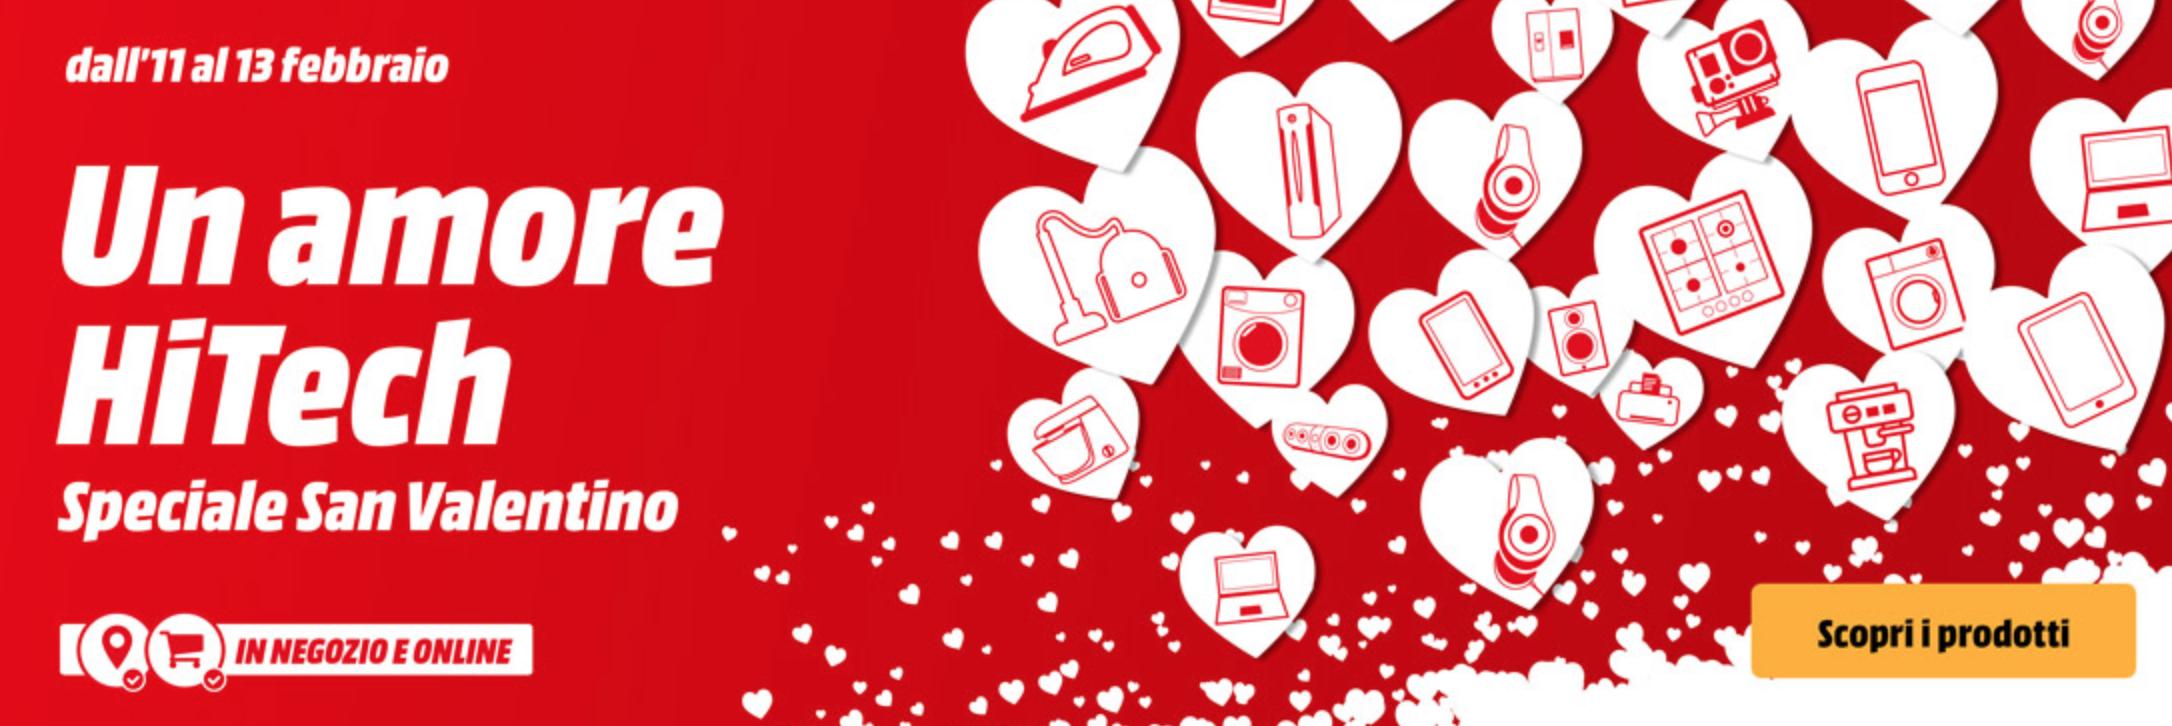 Migliori offerte MediaWorld San Valentino